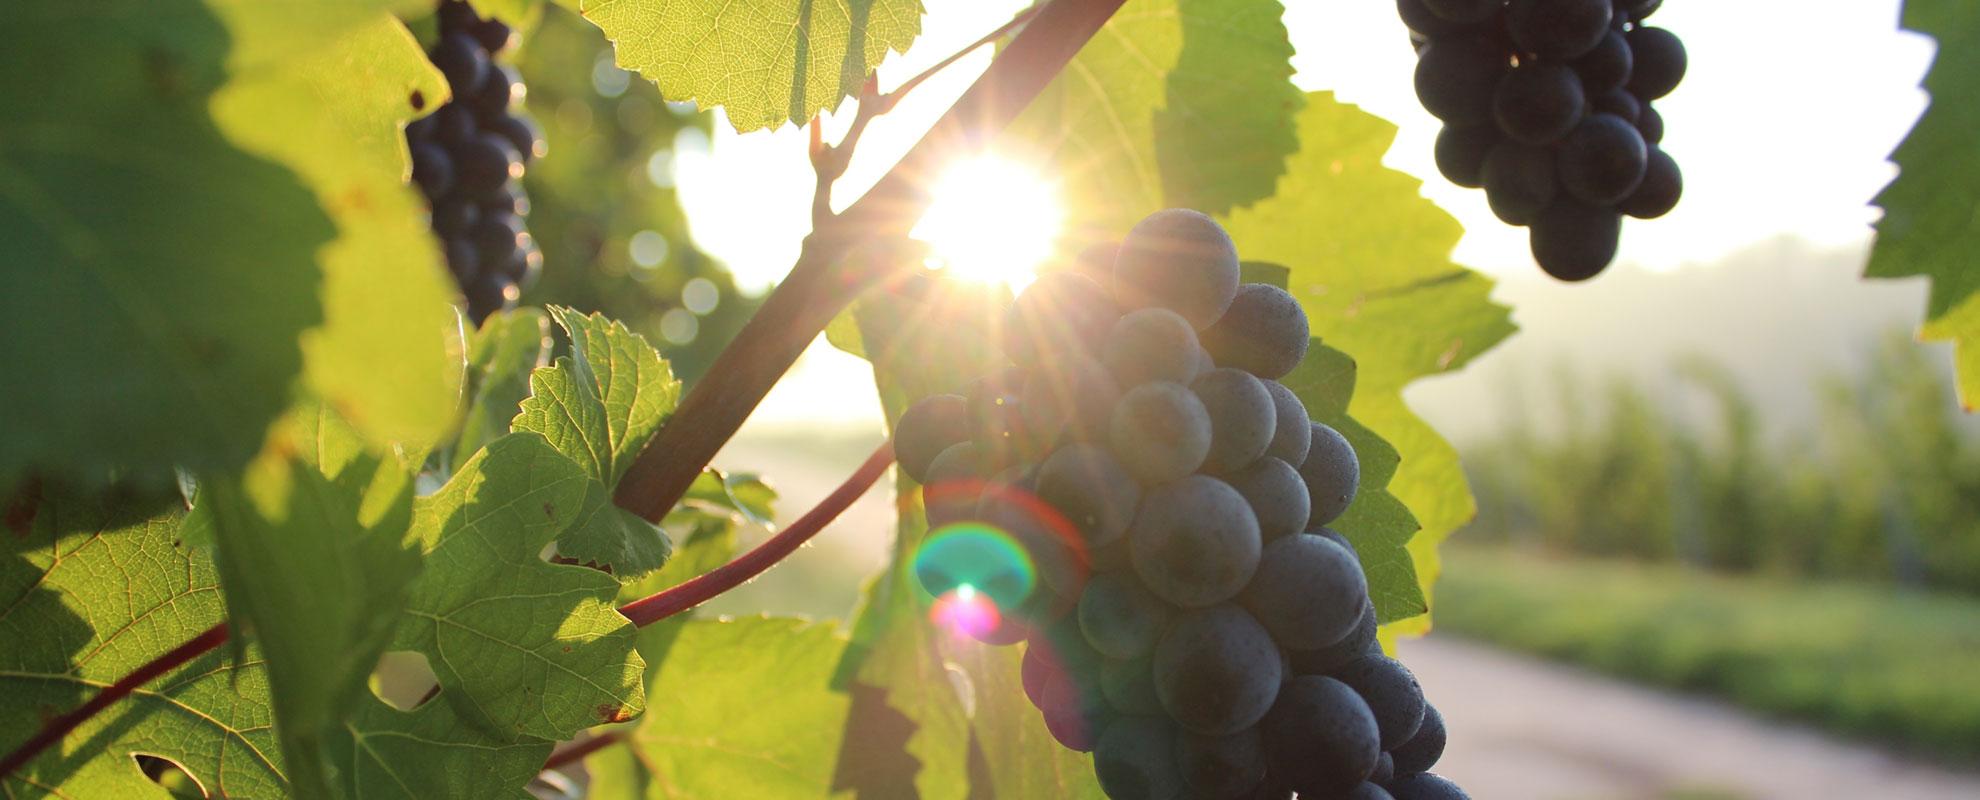 Blaue Weintrauben in der Sonne